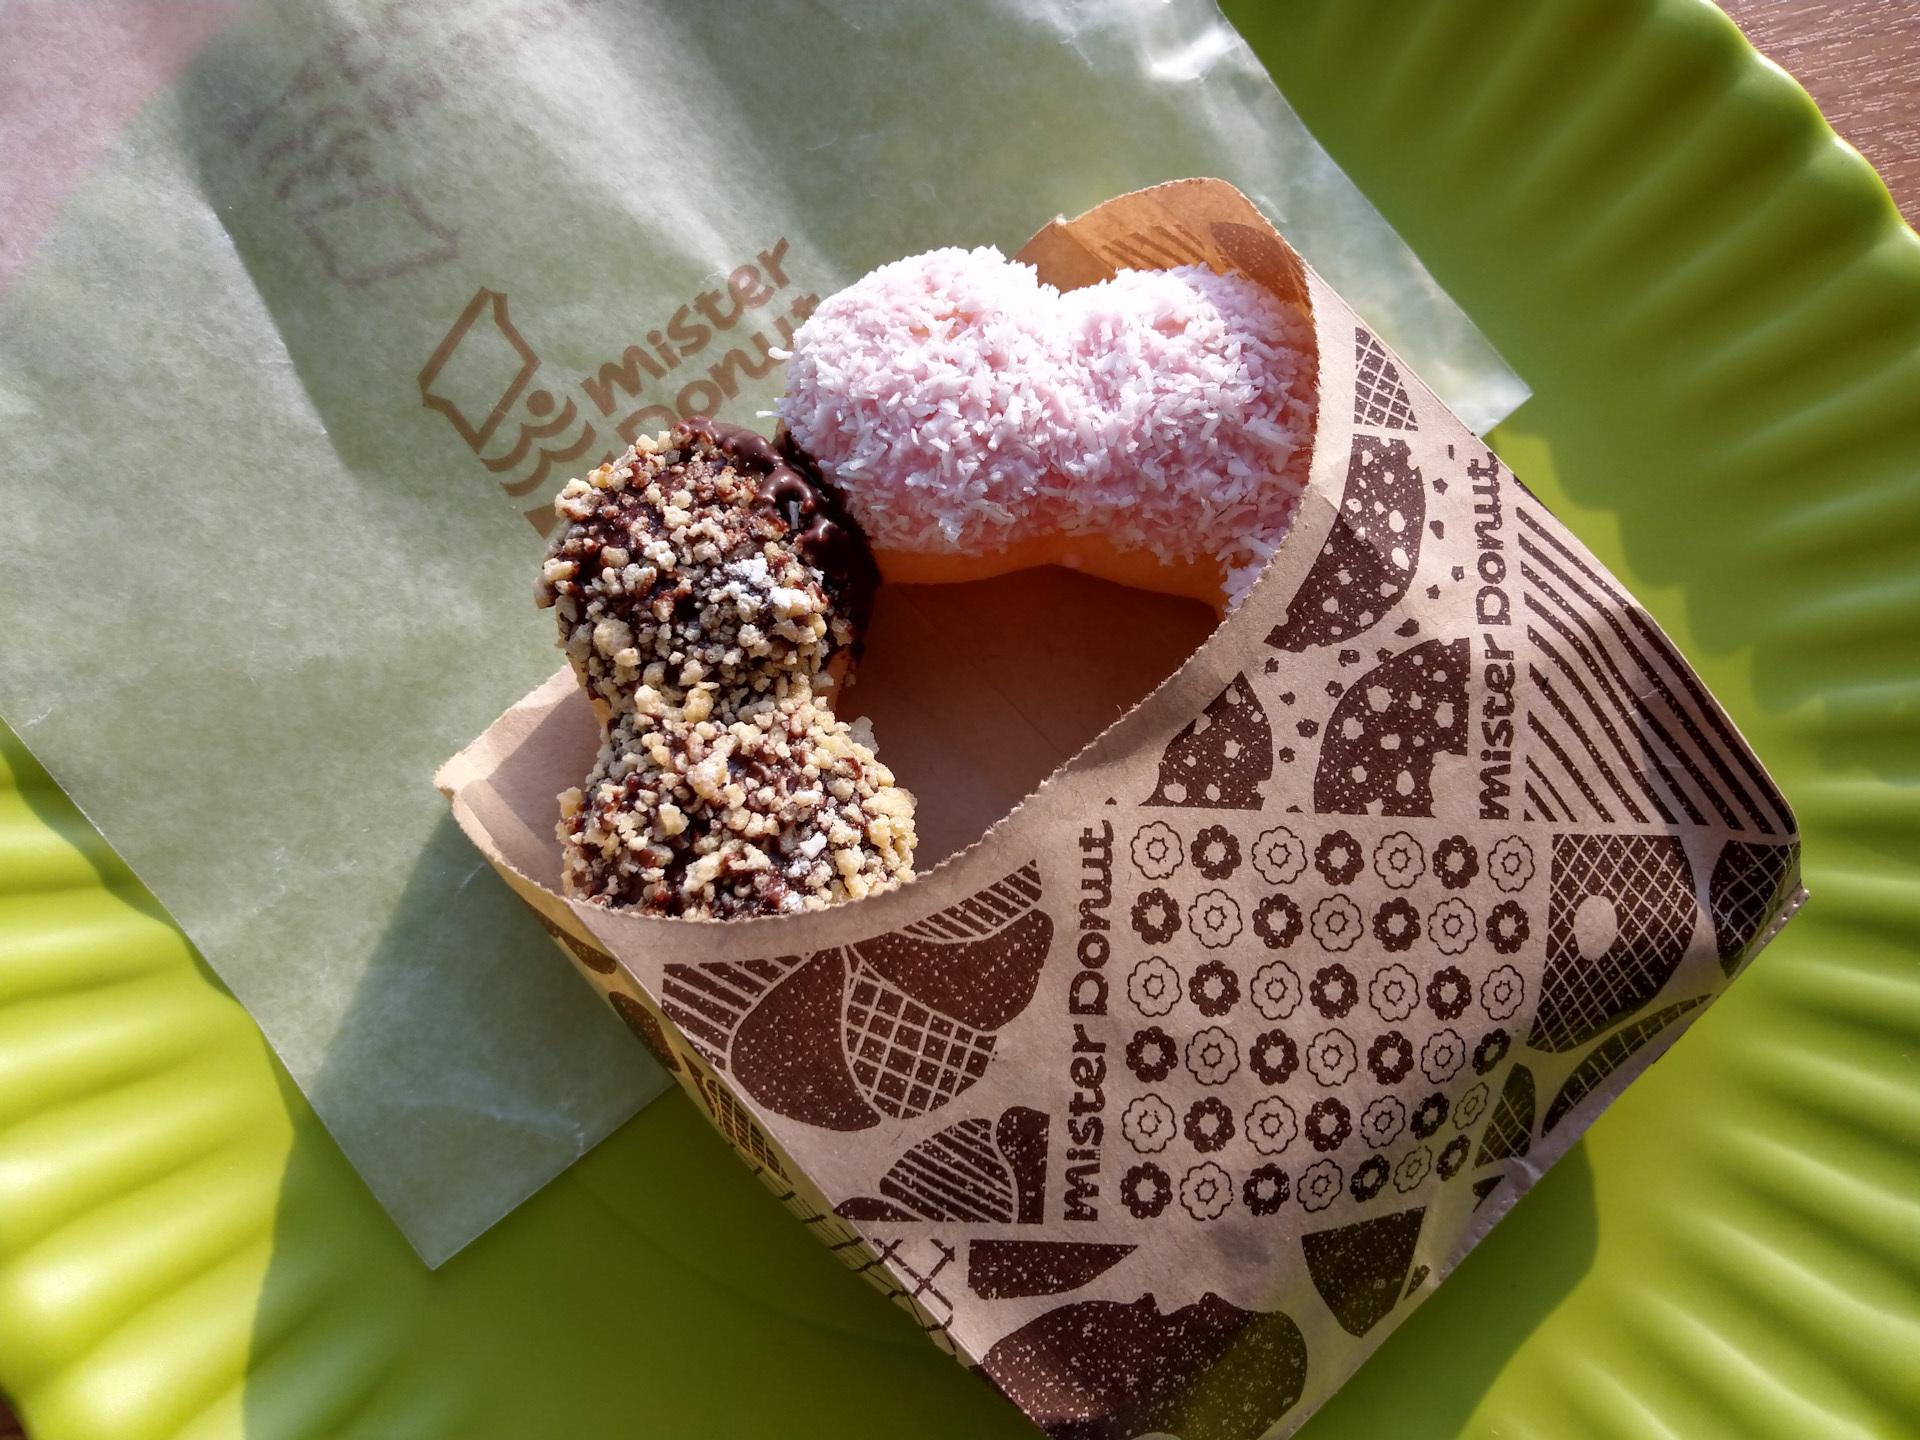 ポン・デ・リング×ココナツチョコレート×ゴールデンチョコレート